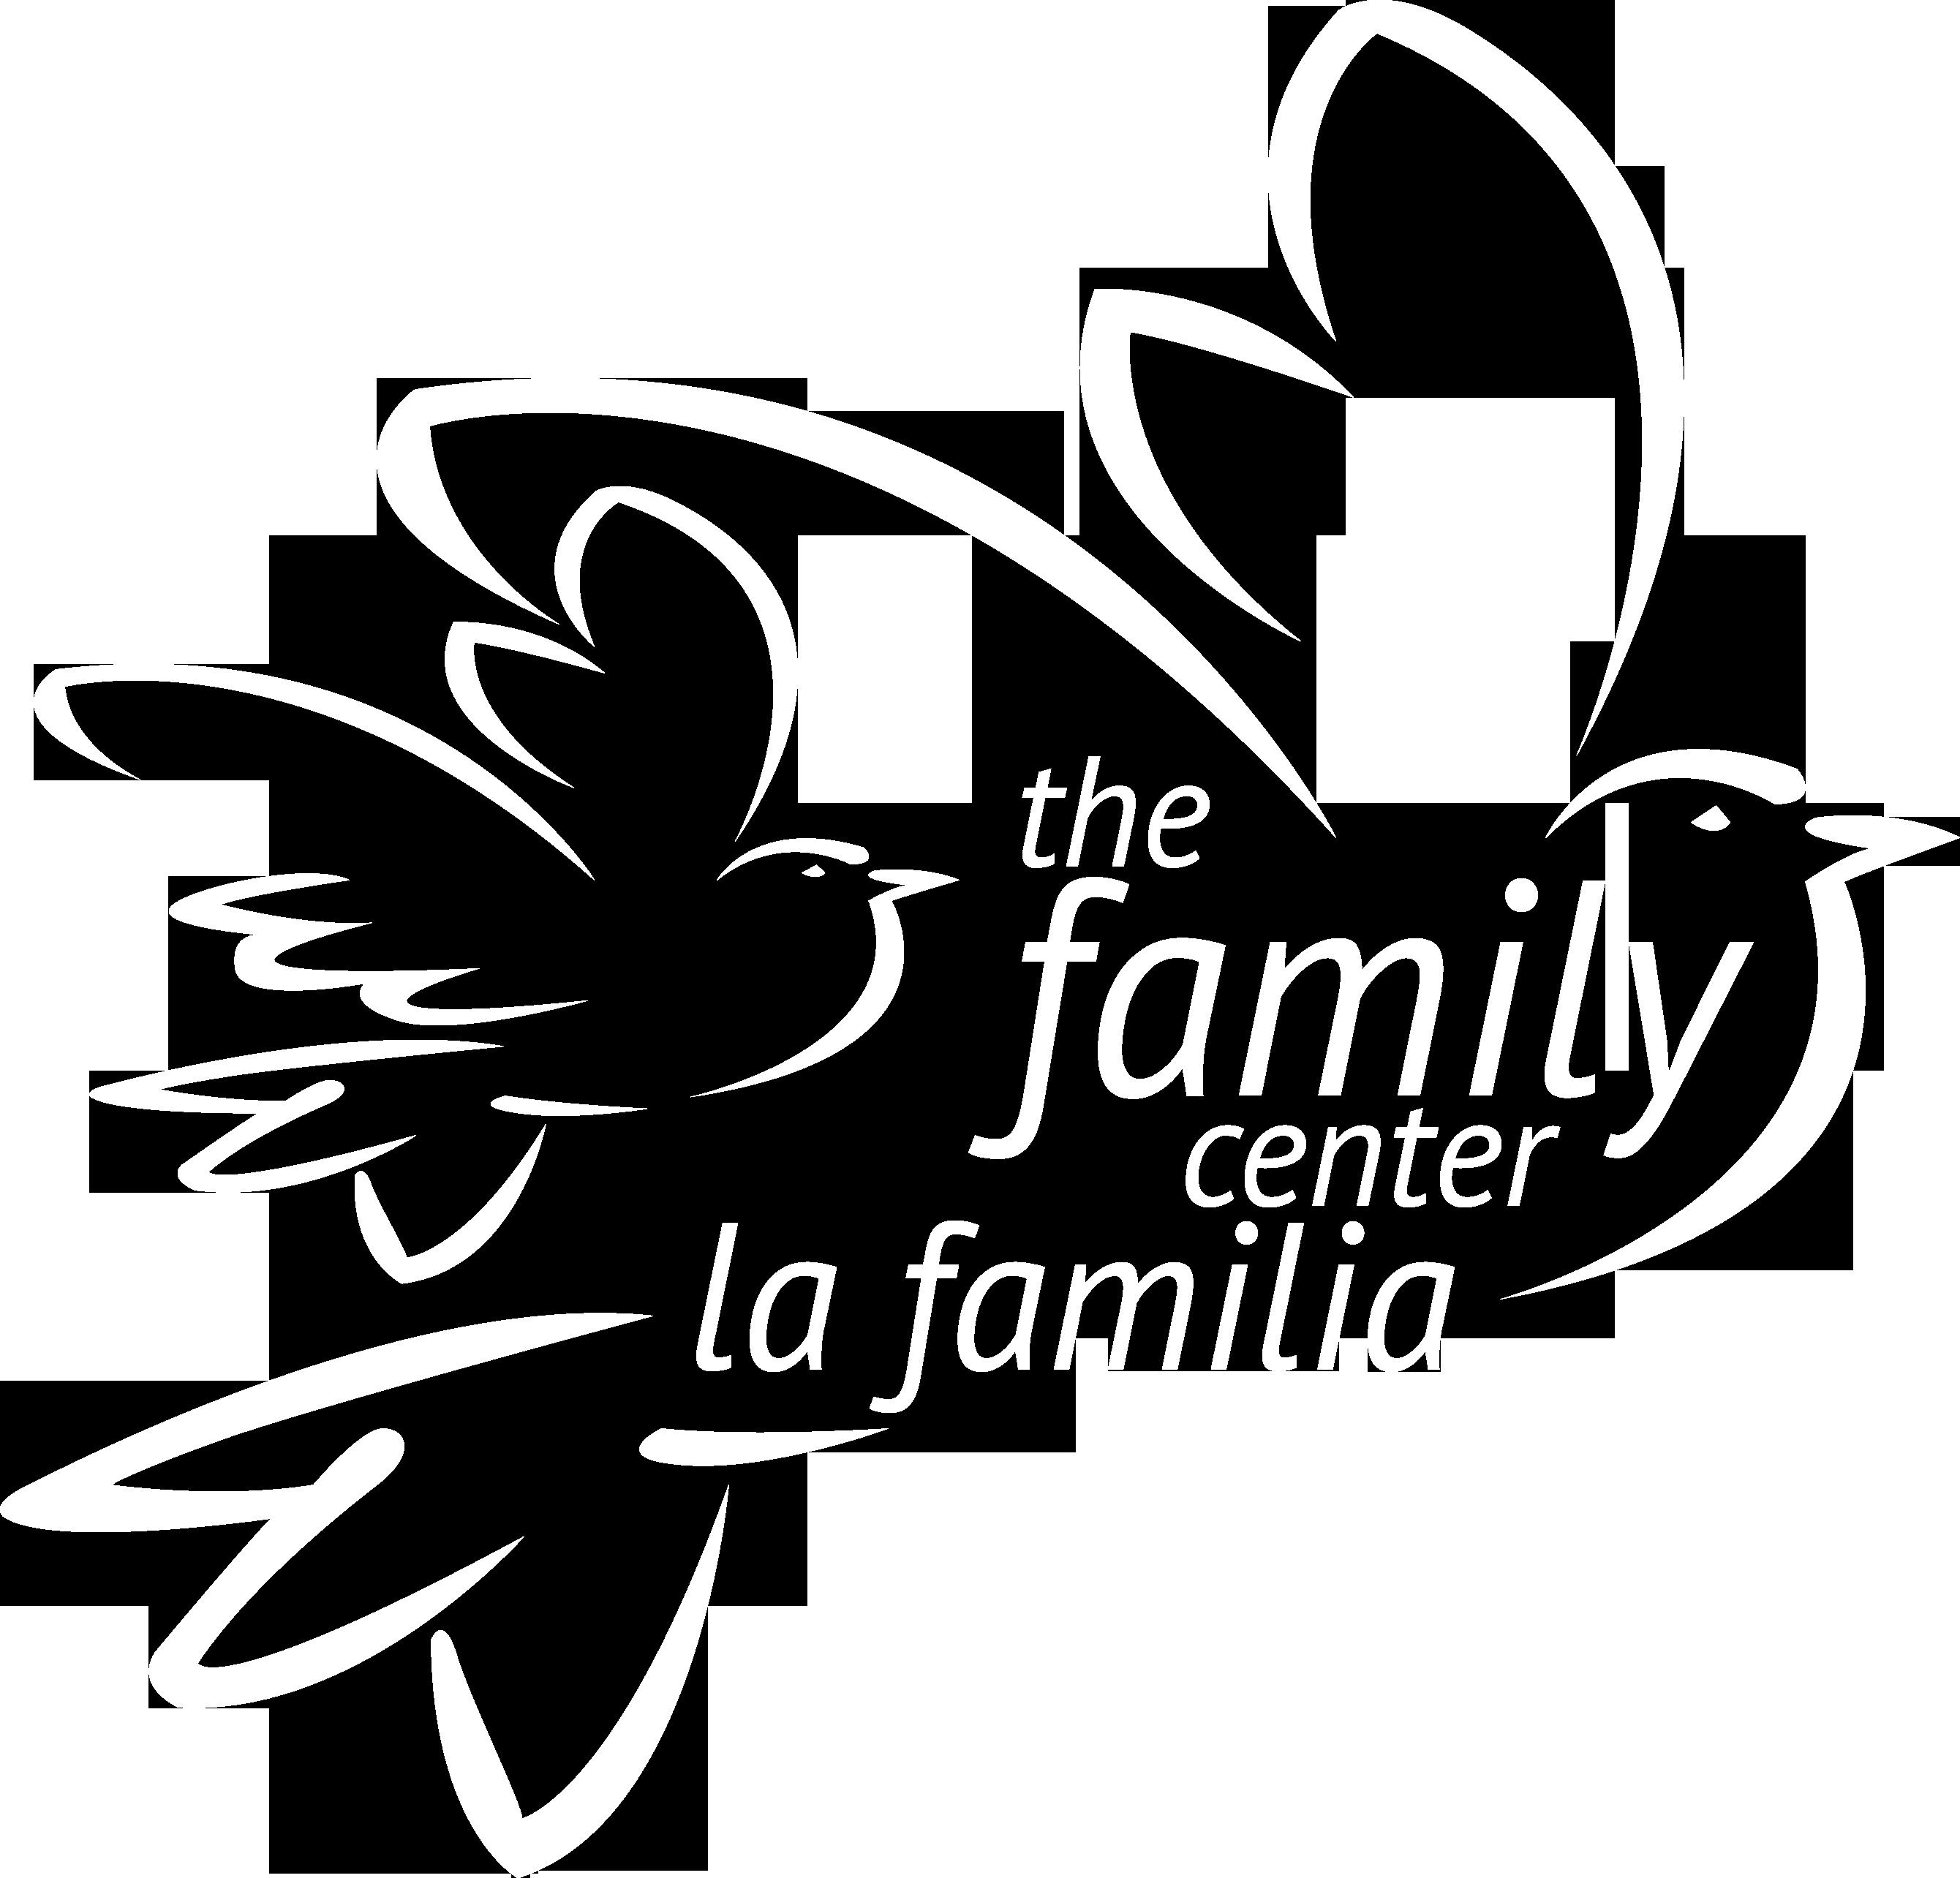 The Family Center/La Familia